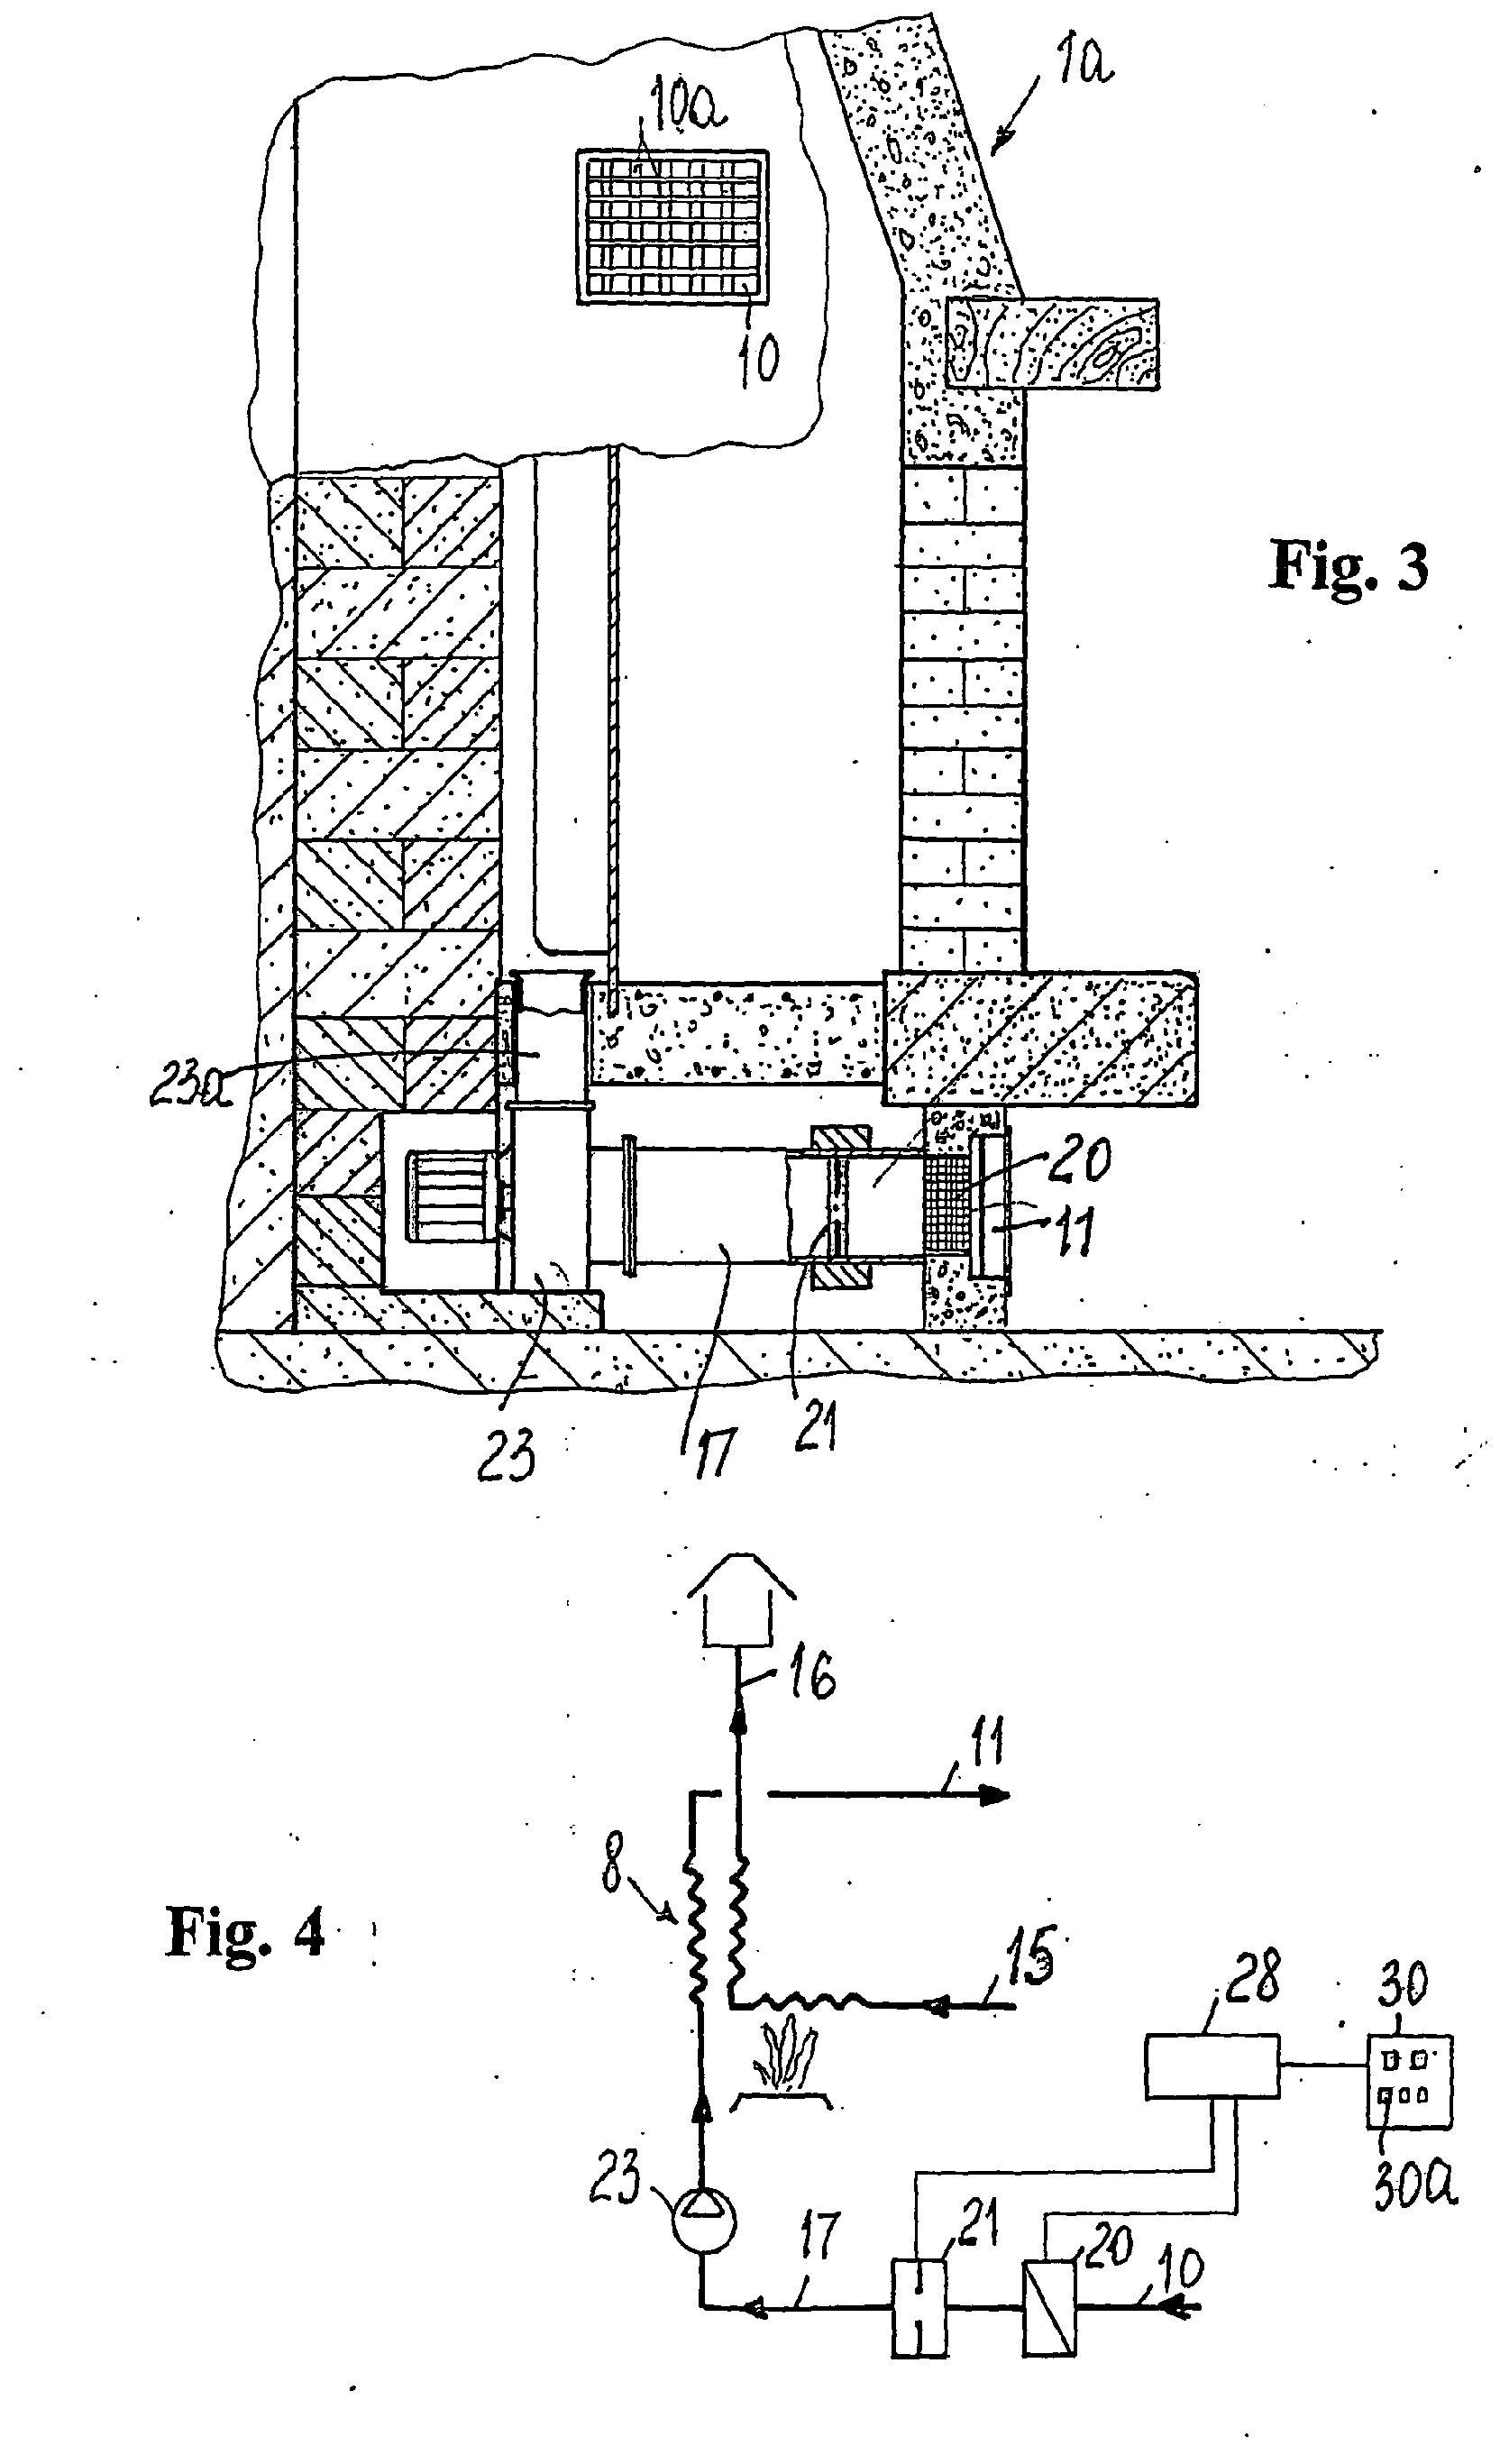 Firep Heater Wiring Diagram - Wiring Schematics on